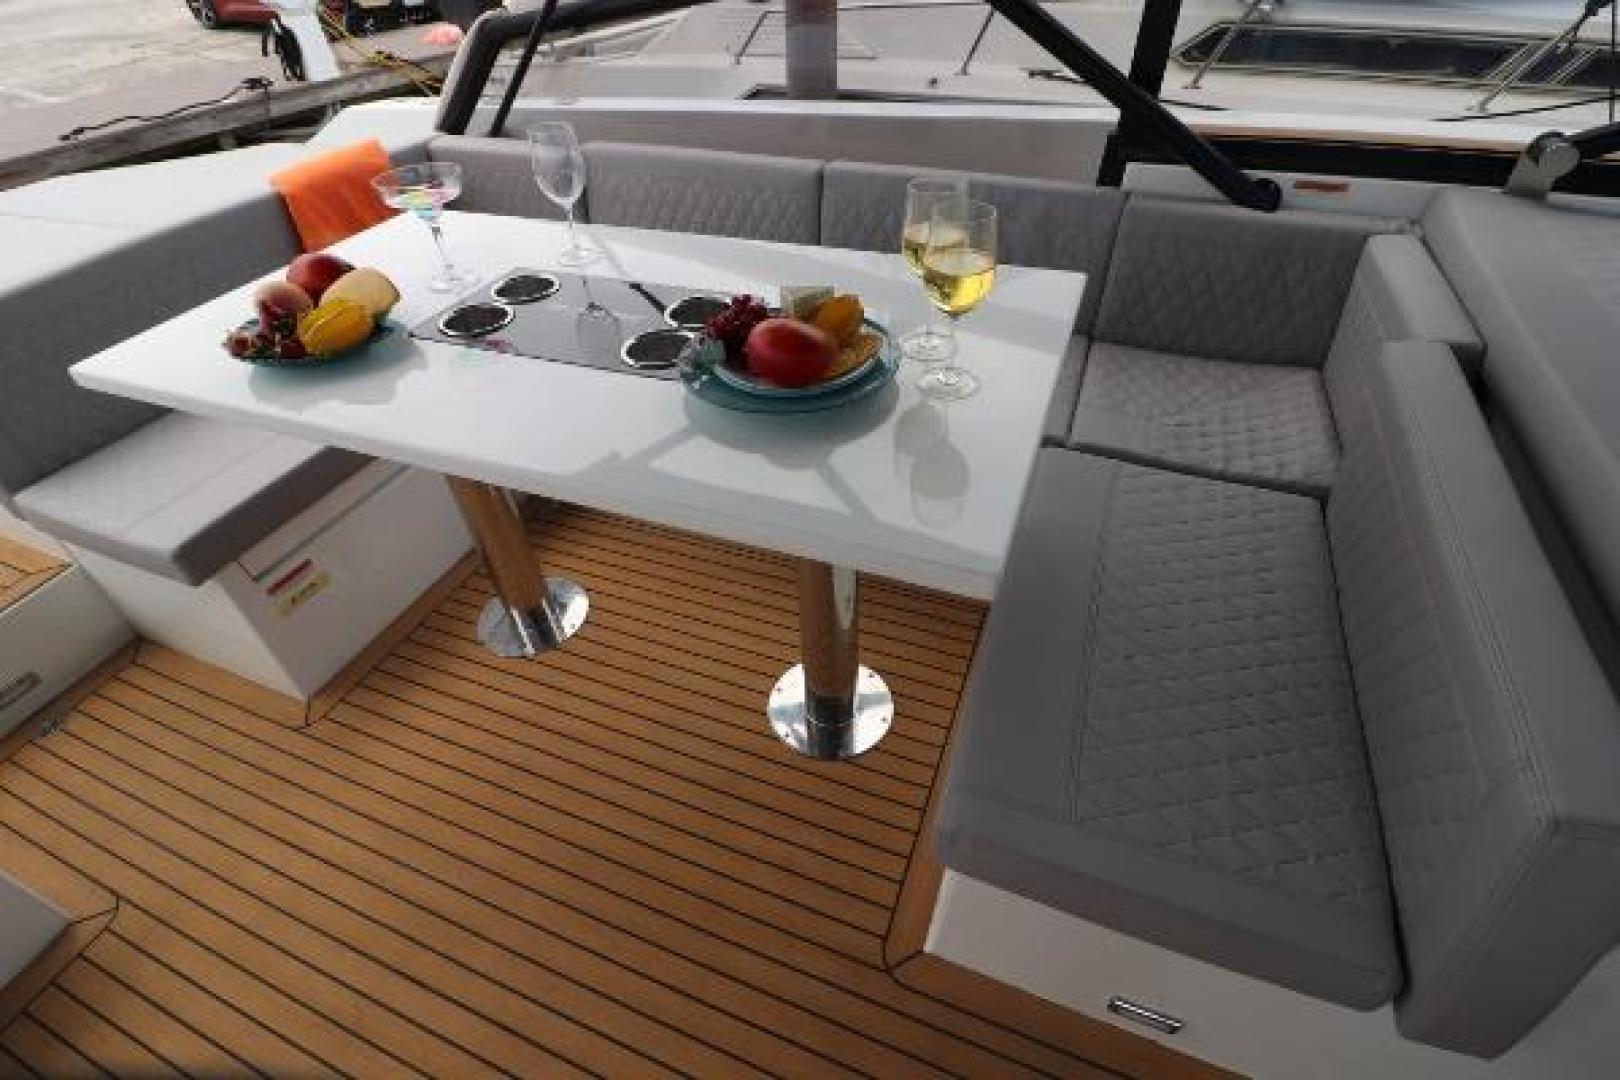 De Antonio-D46 Open 2020-De Antonio Yachts D46 Open Fort Lauderdale-Florida-United States-1523088 | Thumbnail